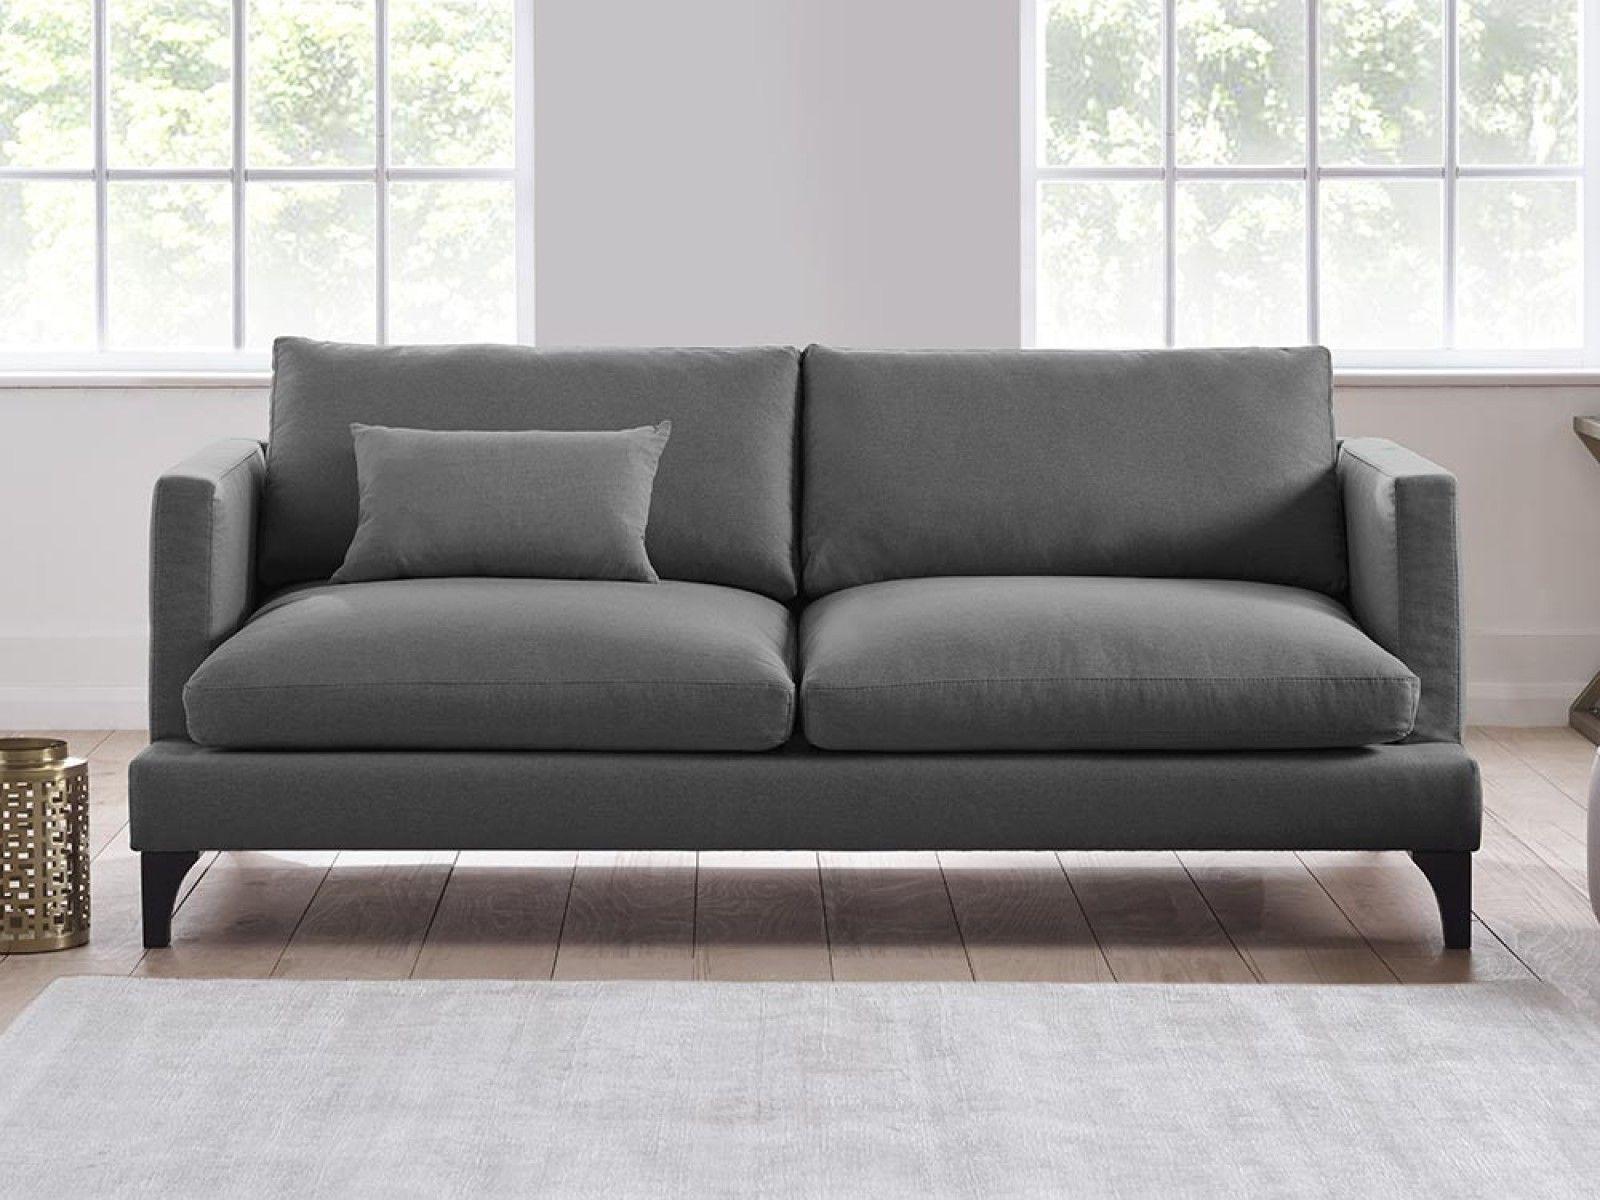 Izzy sofa in squirrel cotton velvet Sofa 1600 Sofas